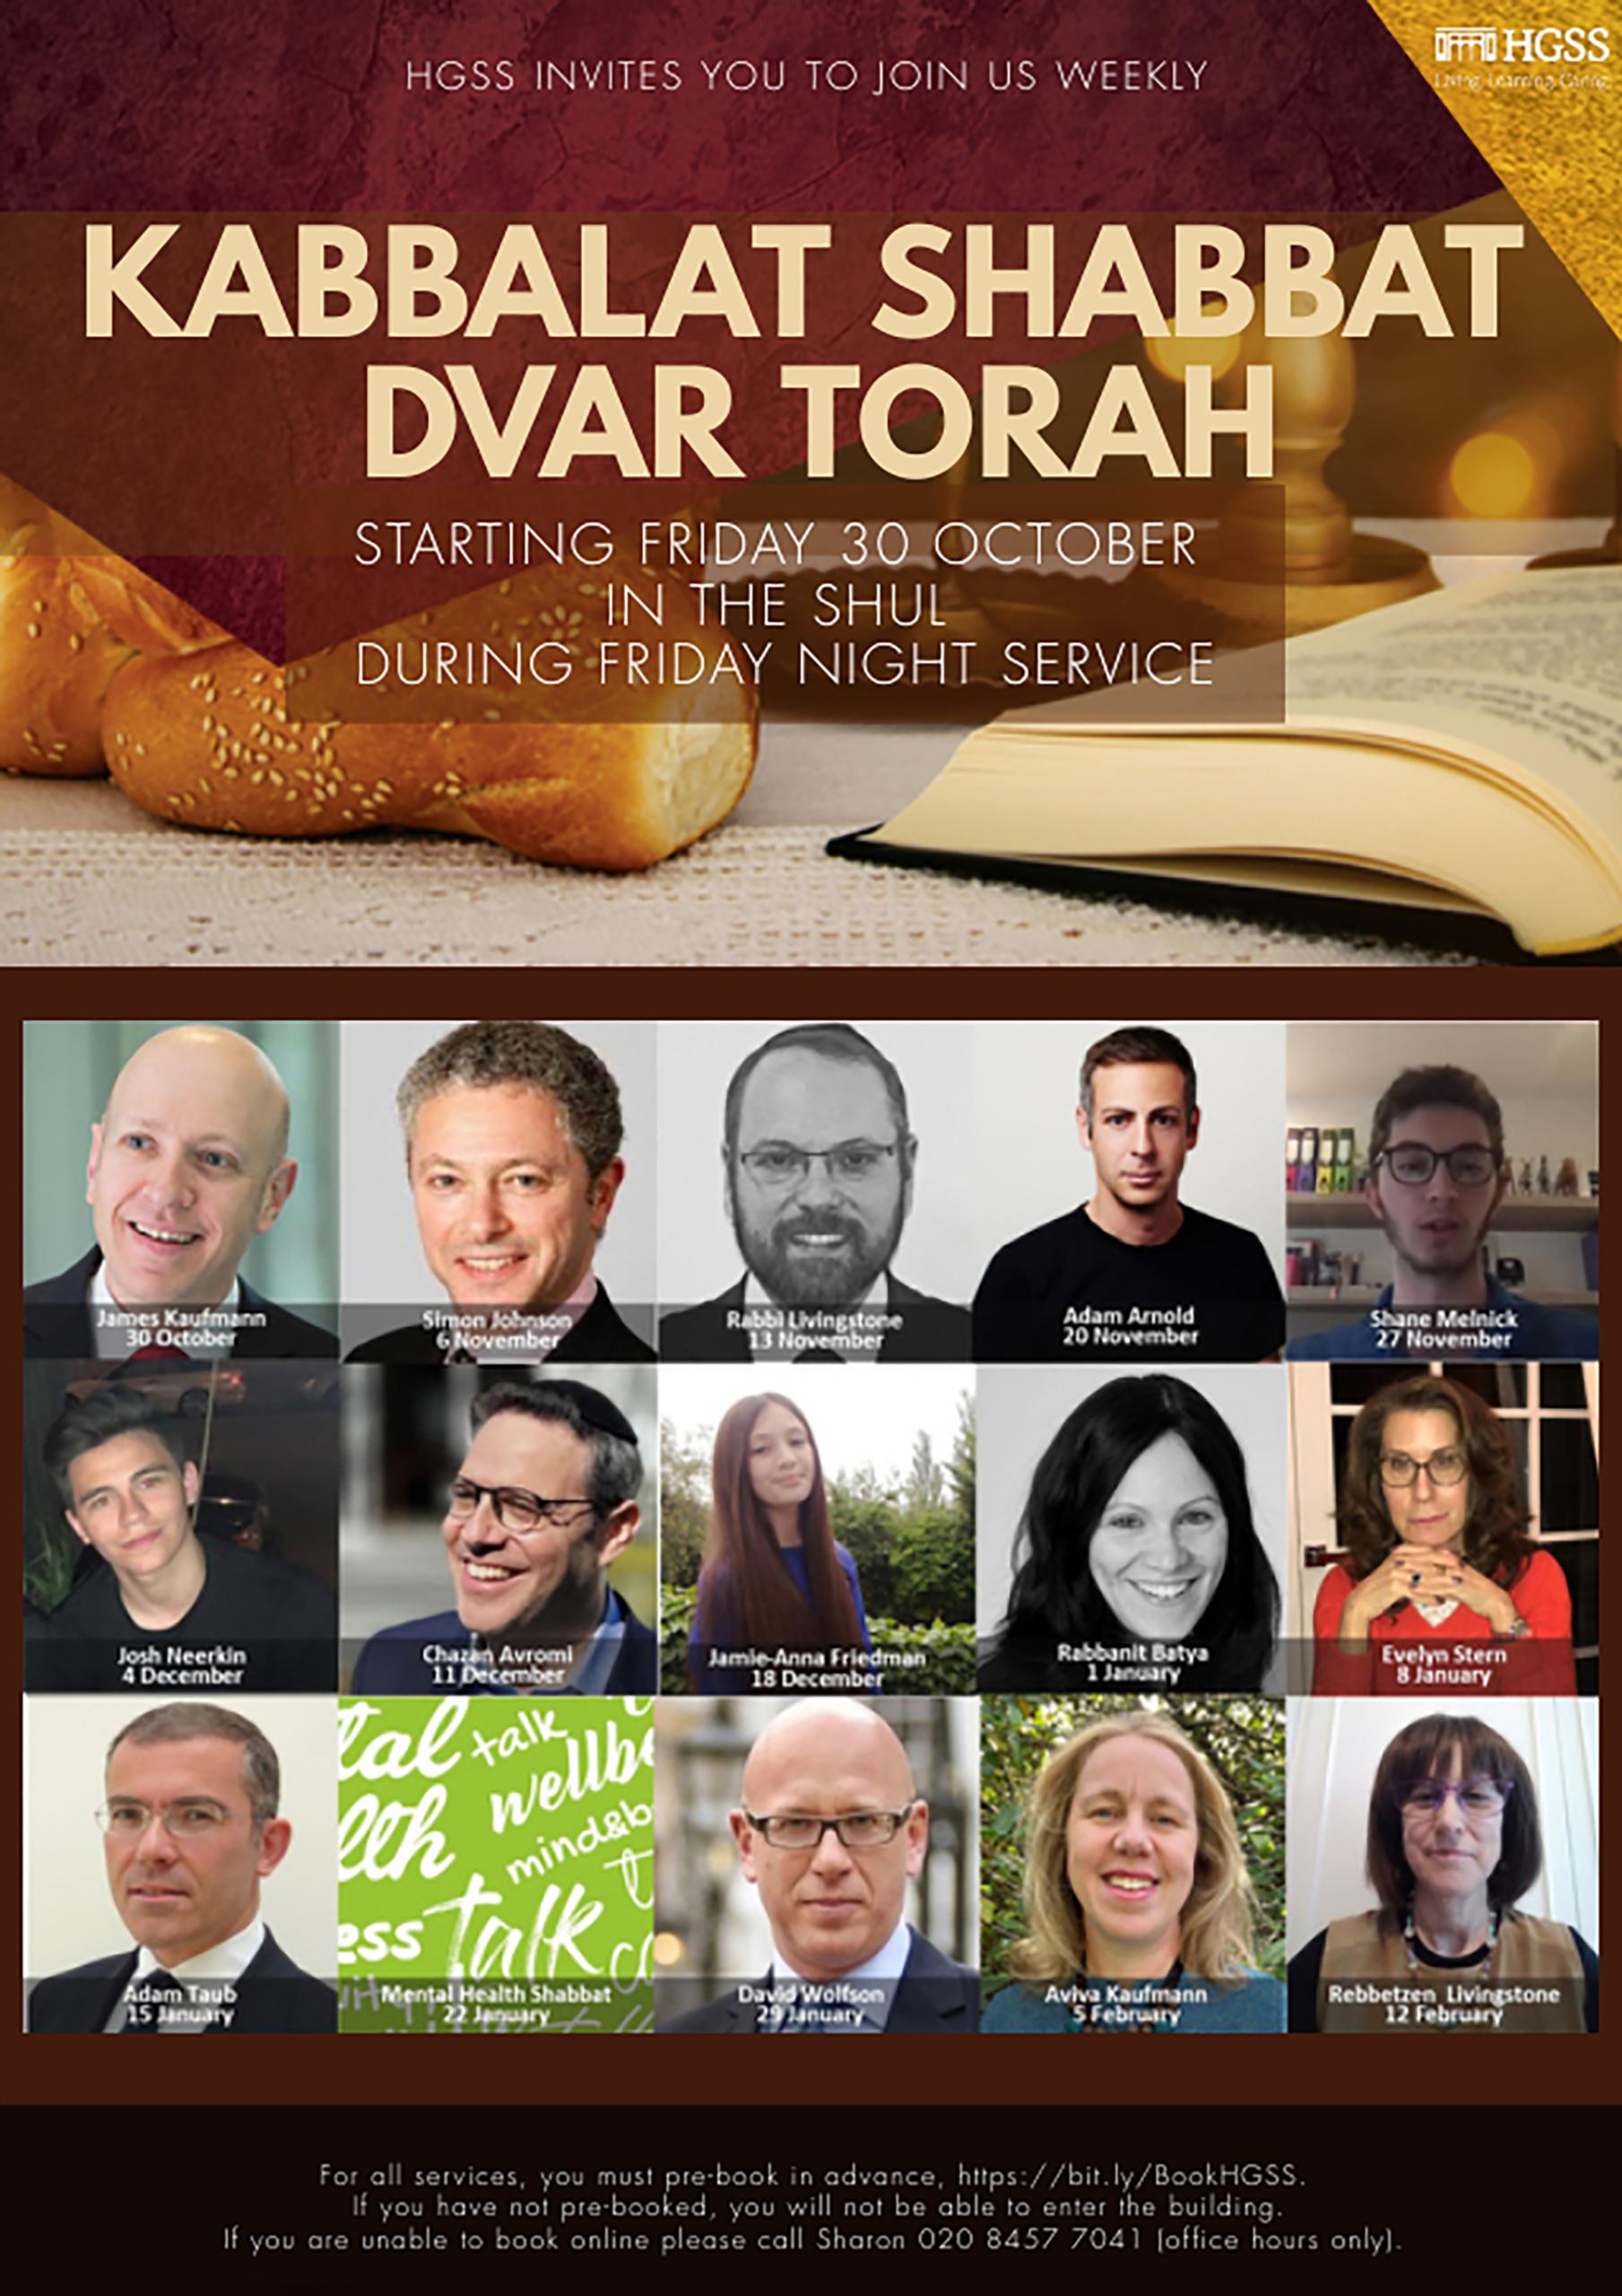 Dvar Torah Series